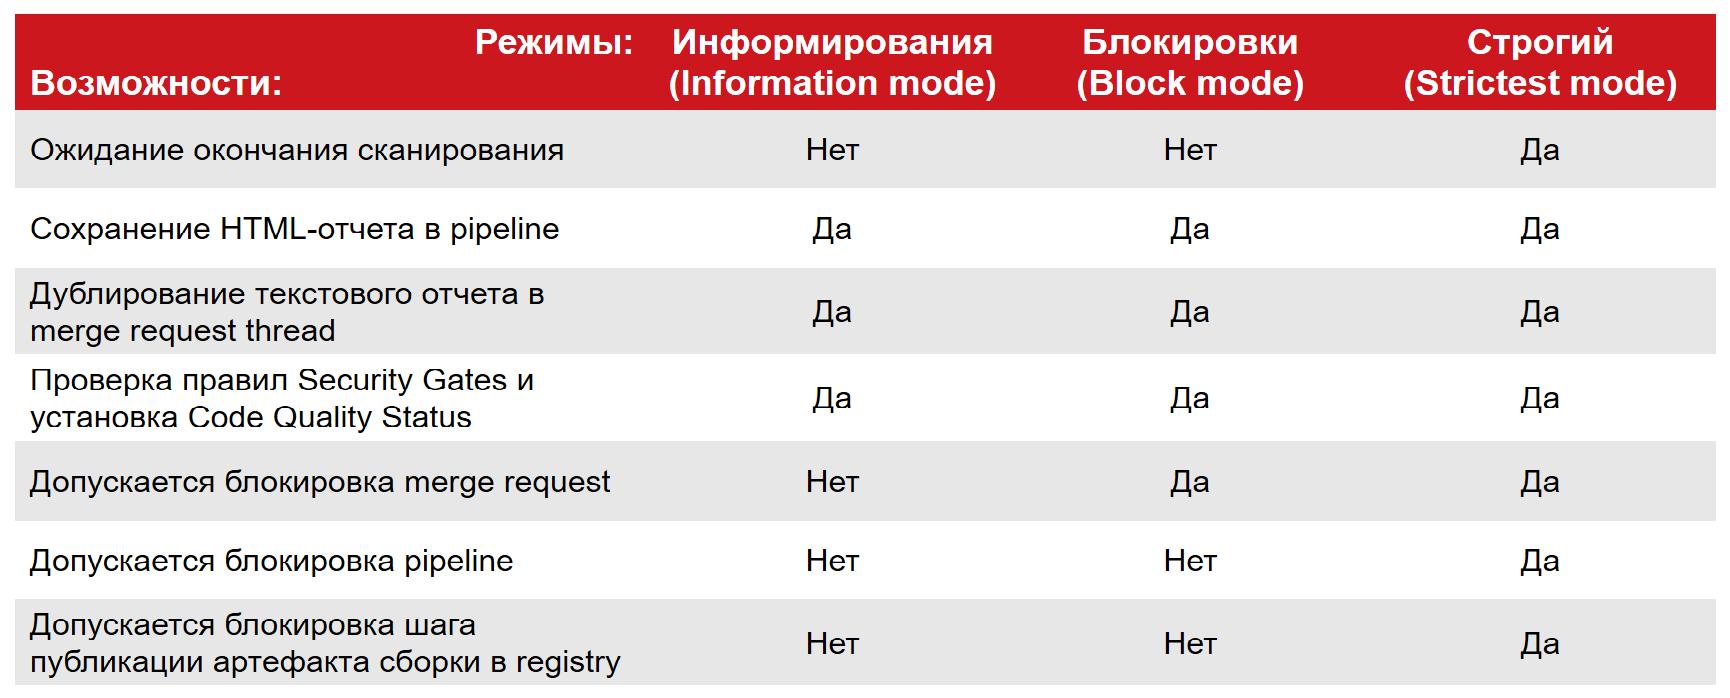 Основные отличия в работе шаблонов сканирования